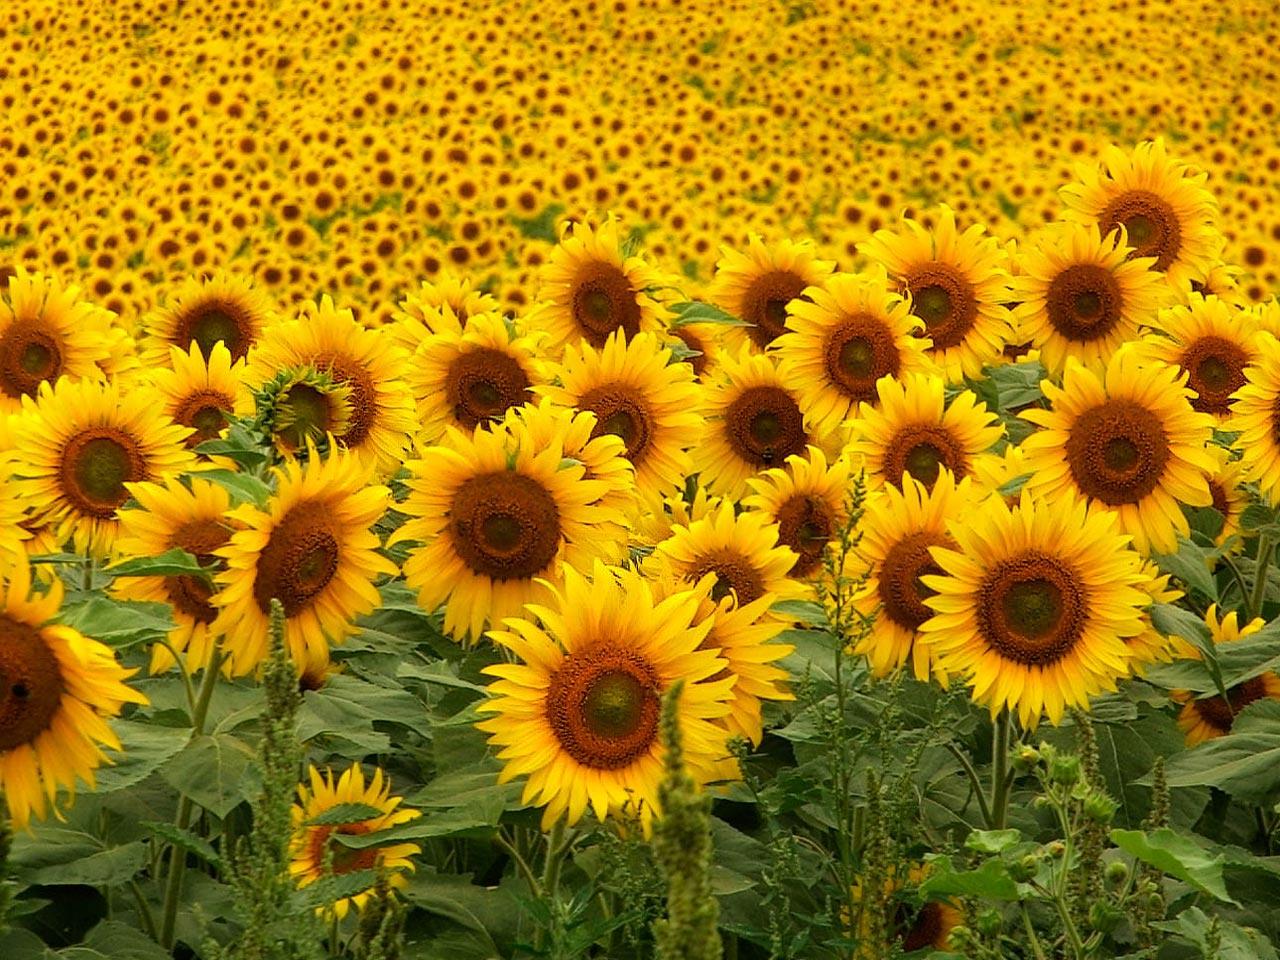 sunflowers2-13ob4e5.jpg